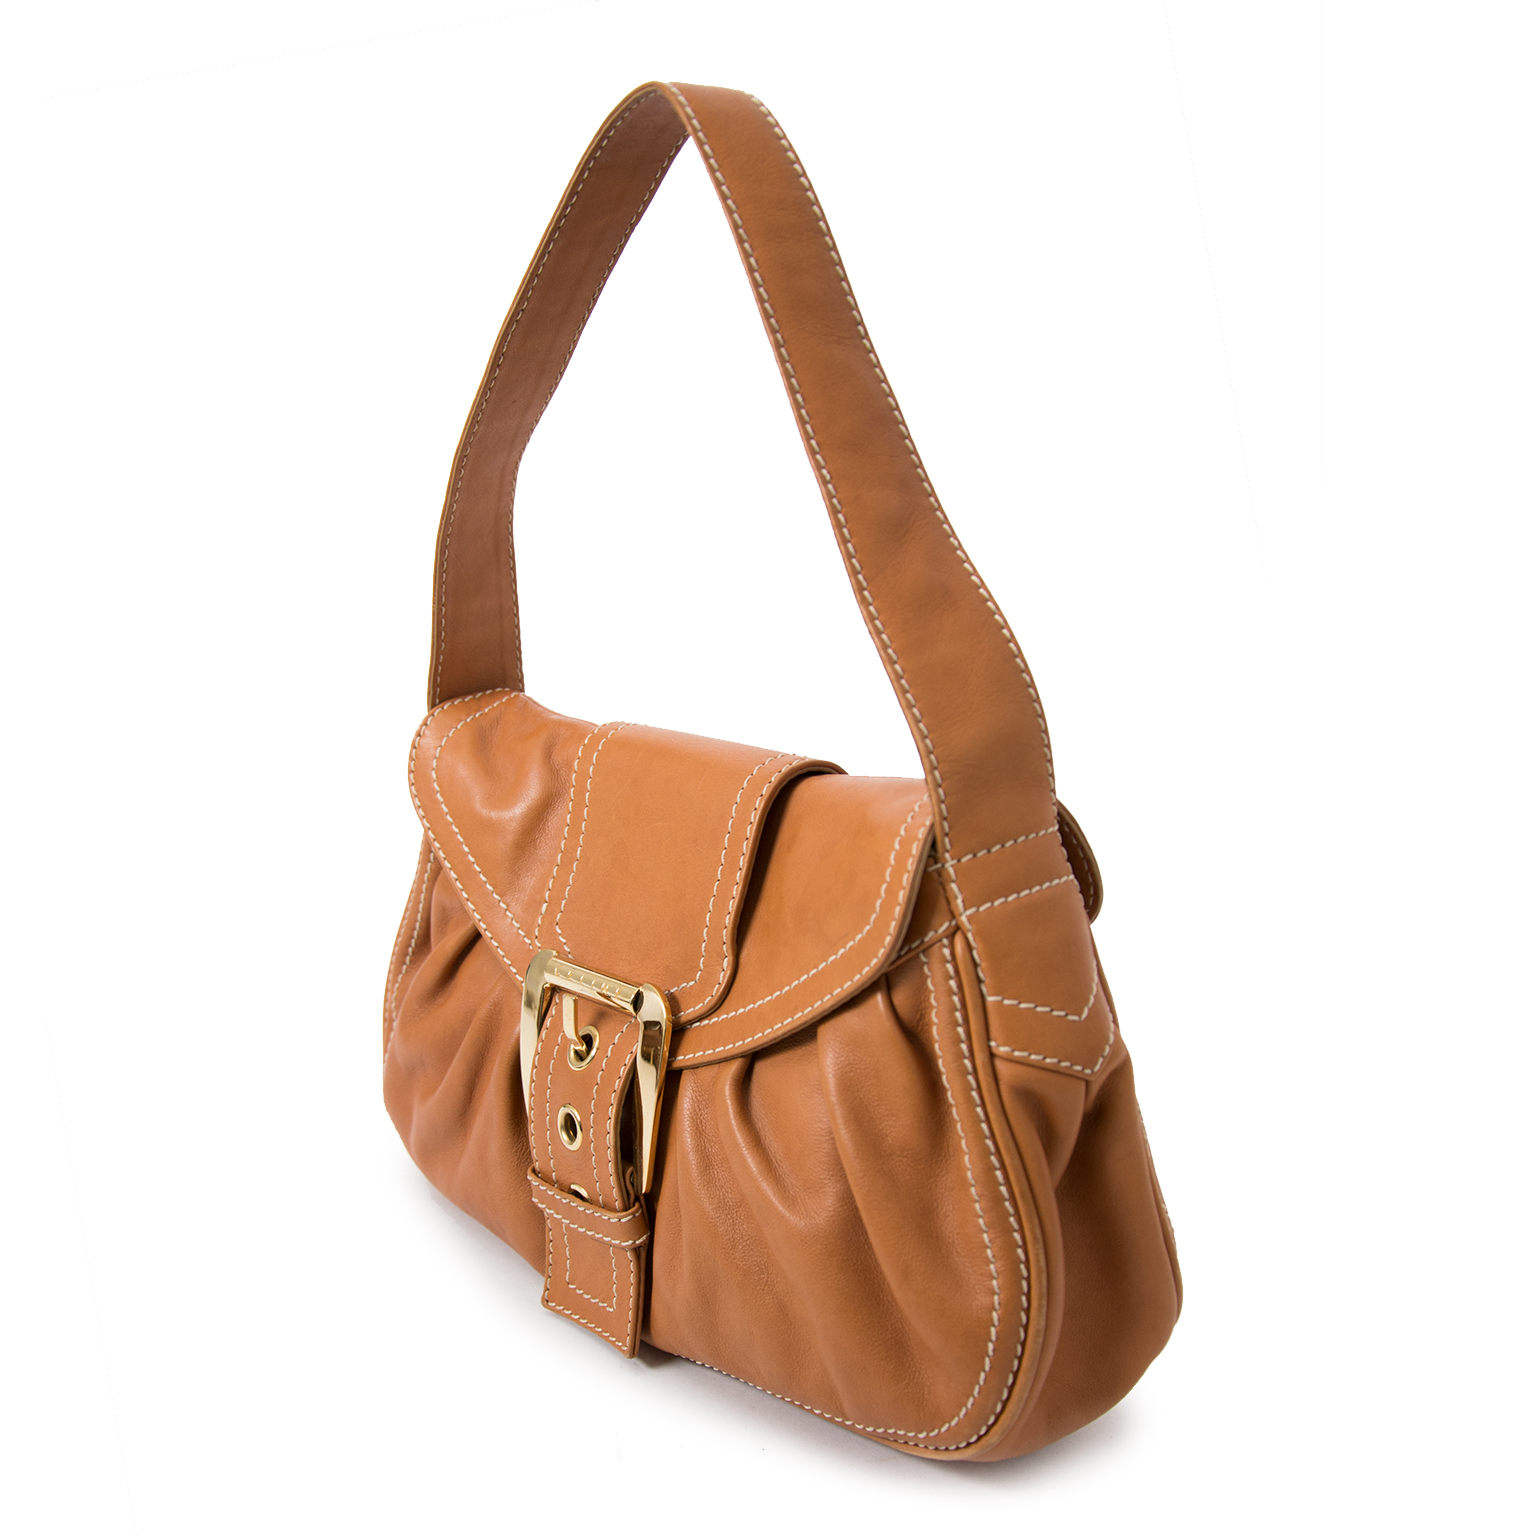 Buy safe and secure online at labellov.com for the best price celine brown shoulder bag